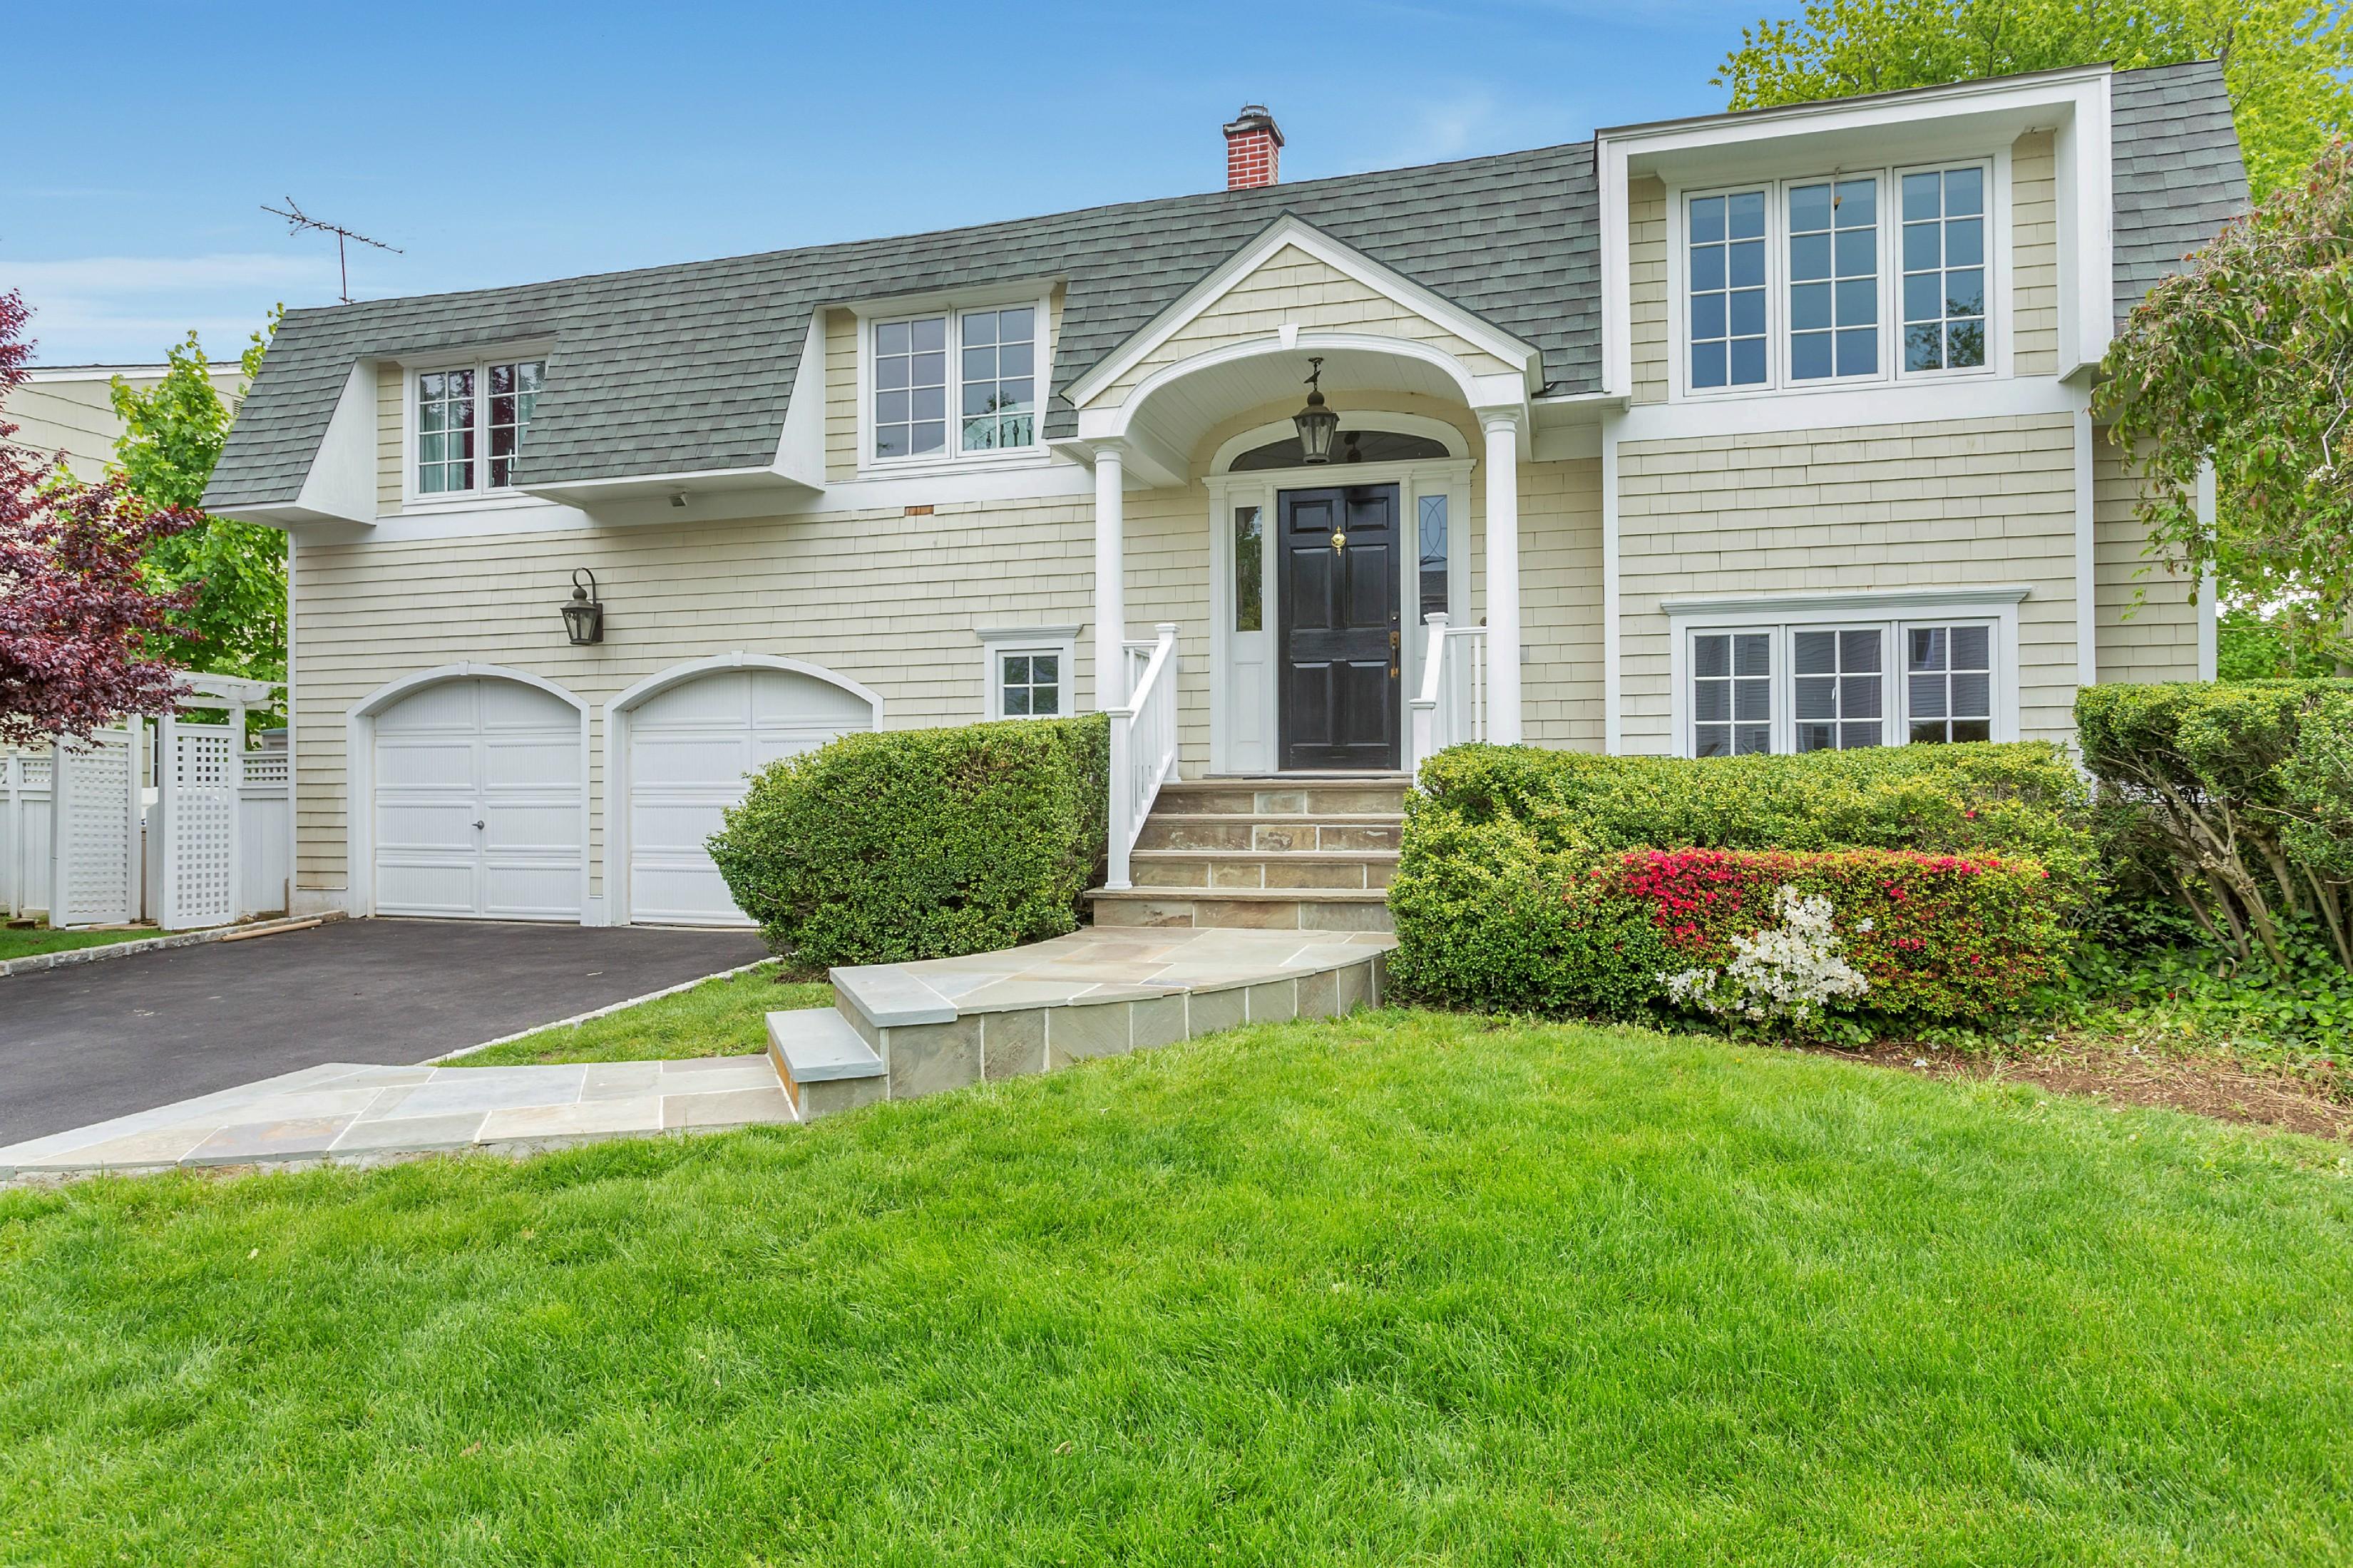 Einfamilienhaus für Verkauf beim Hi Ranch 38 Michael F St Locust Valley, New York, 11560 Vereinigte Staaten